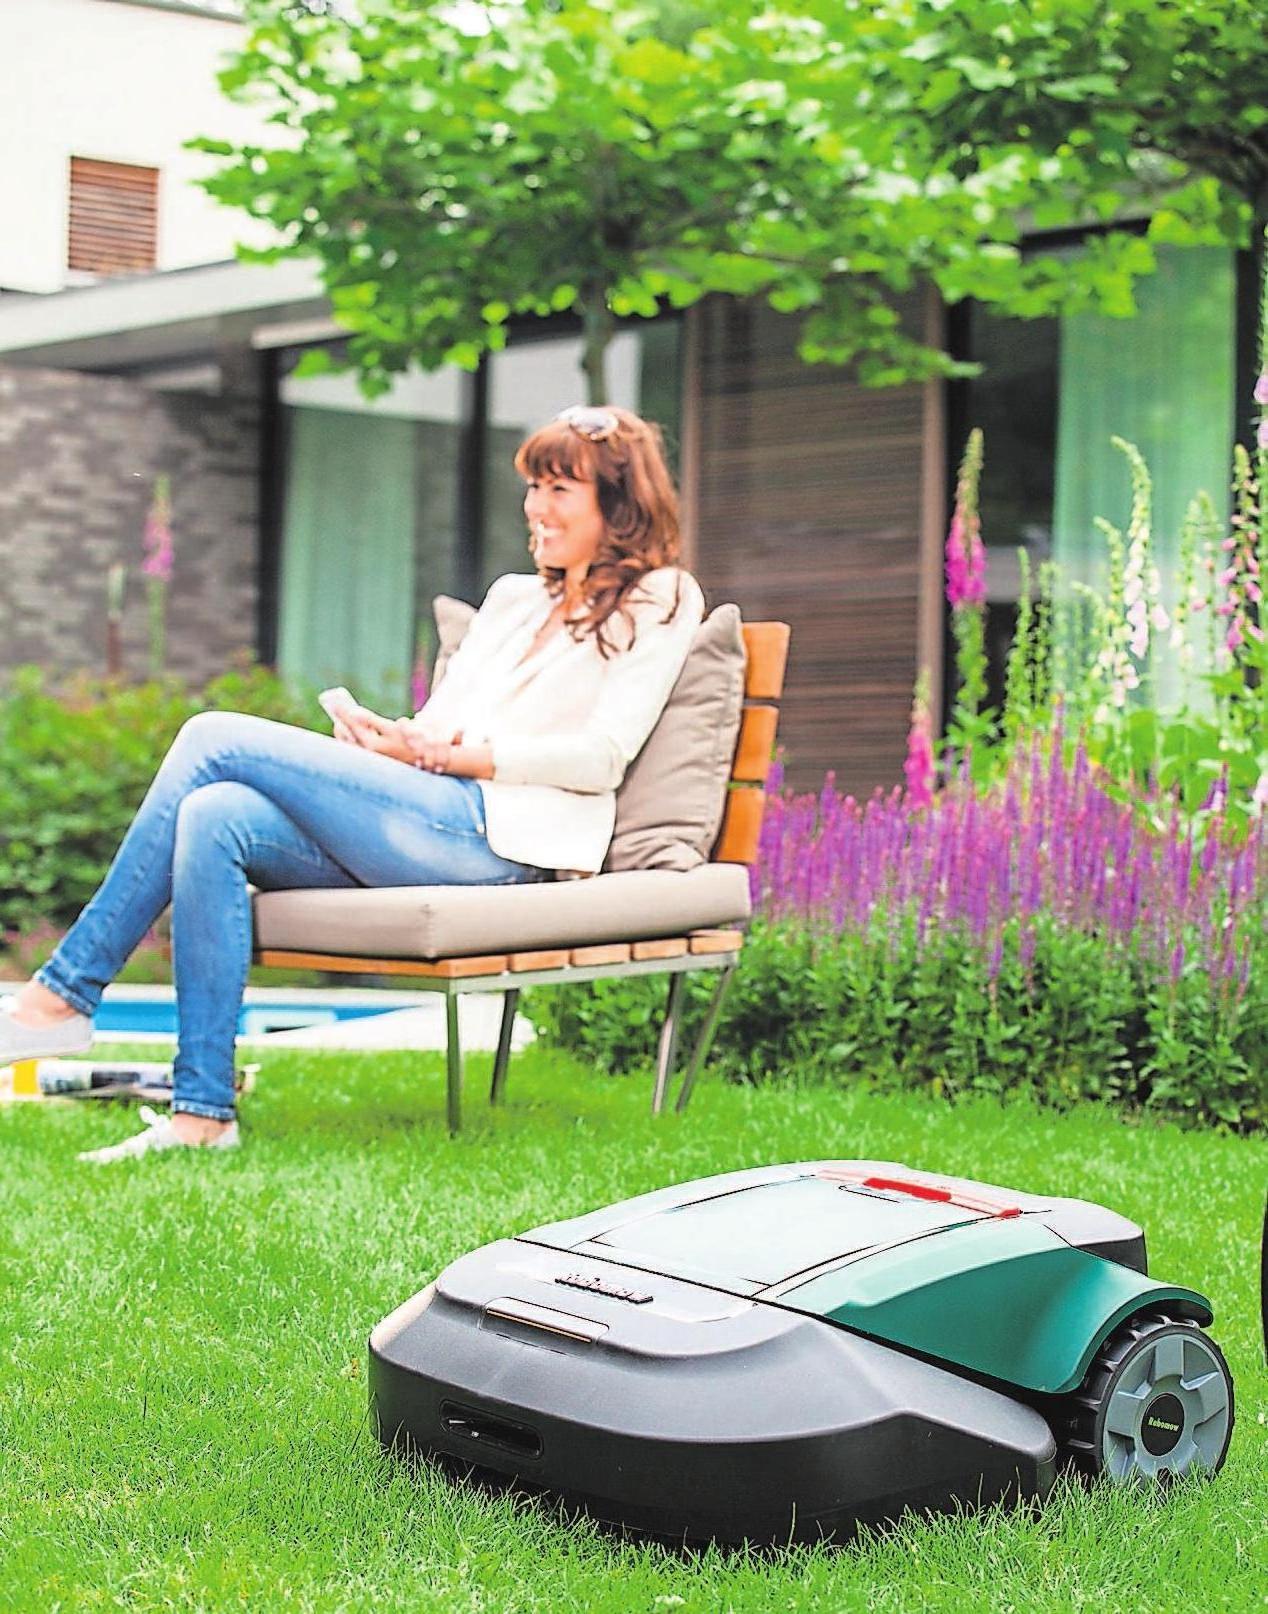 Rasenroboter sind der beste Weg hin zu einem entspannten Rasenmähen. Sie lassen die Rasenmahd zum Kinderspiel werden.